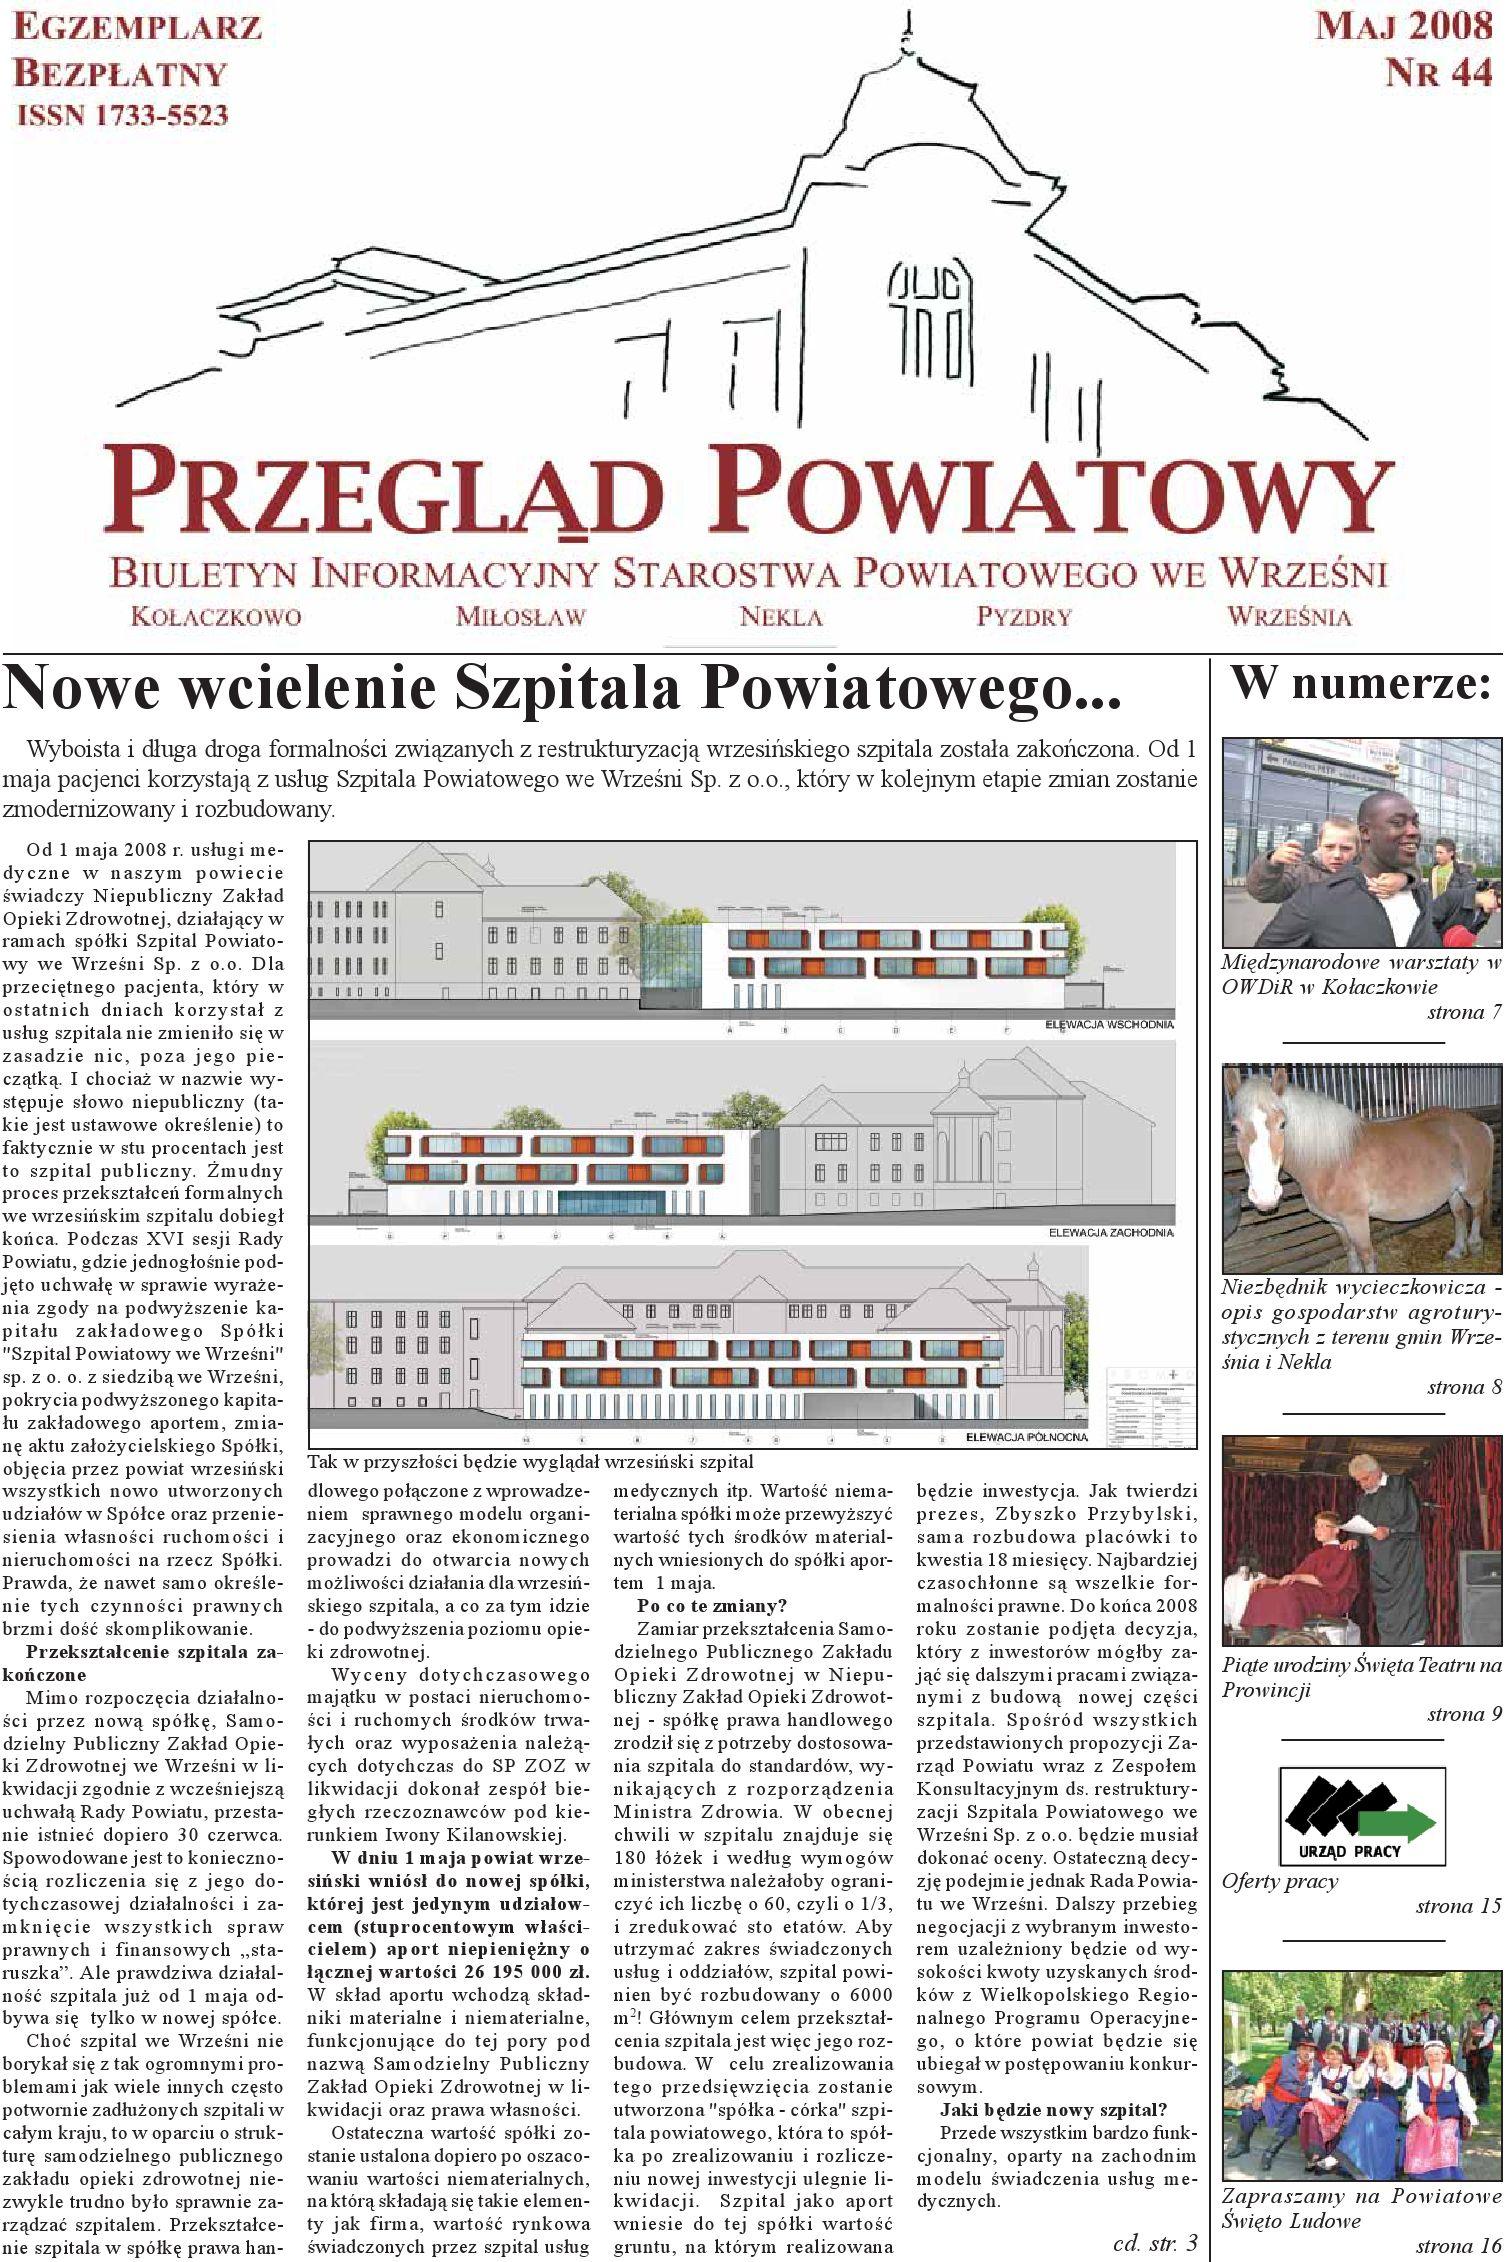 Przegląd Powiatowy Nr 44 Maj 2008 By Starostwo Powiatowe We